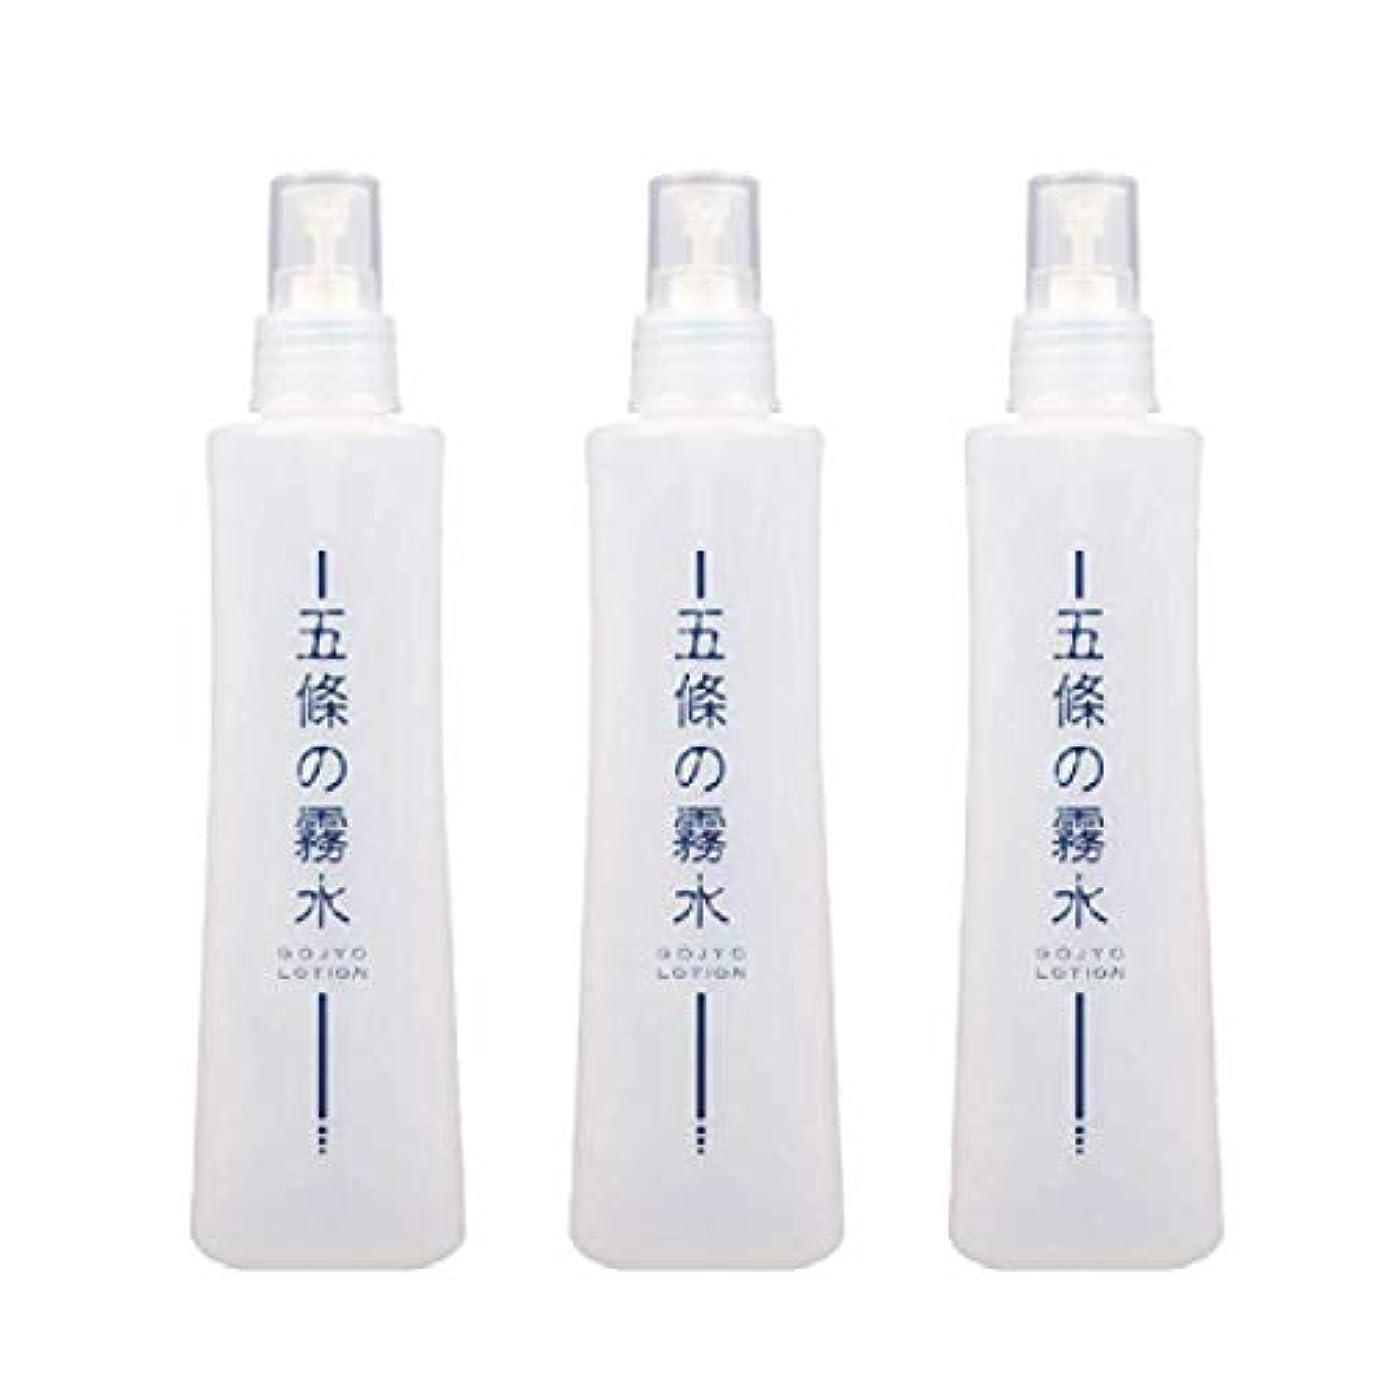 疎外する子羊光五條の霧水ベーシック(3本セット) +アレッポの石鹸1個プレゼント 無添加保湿化粧水